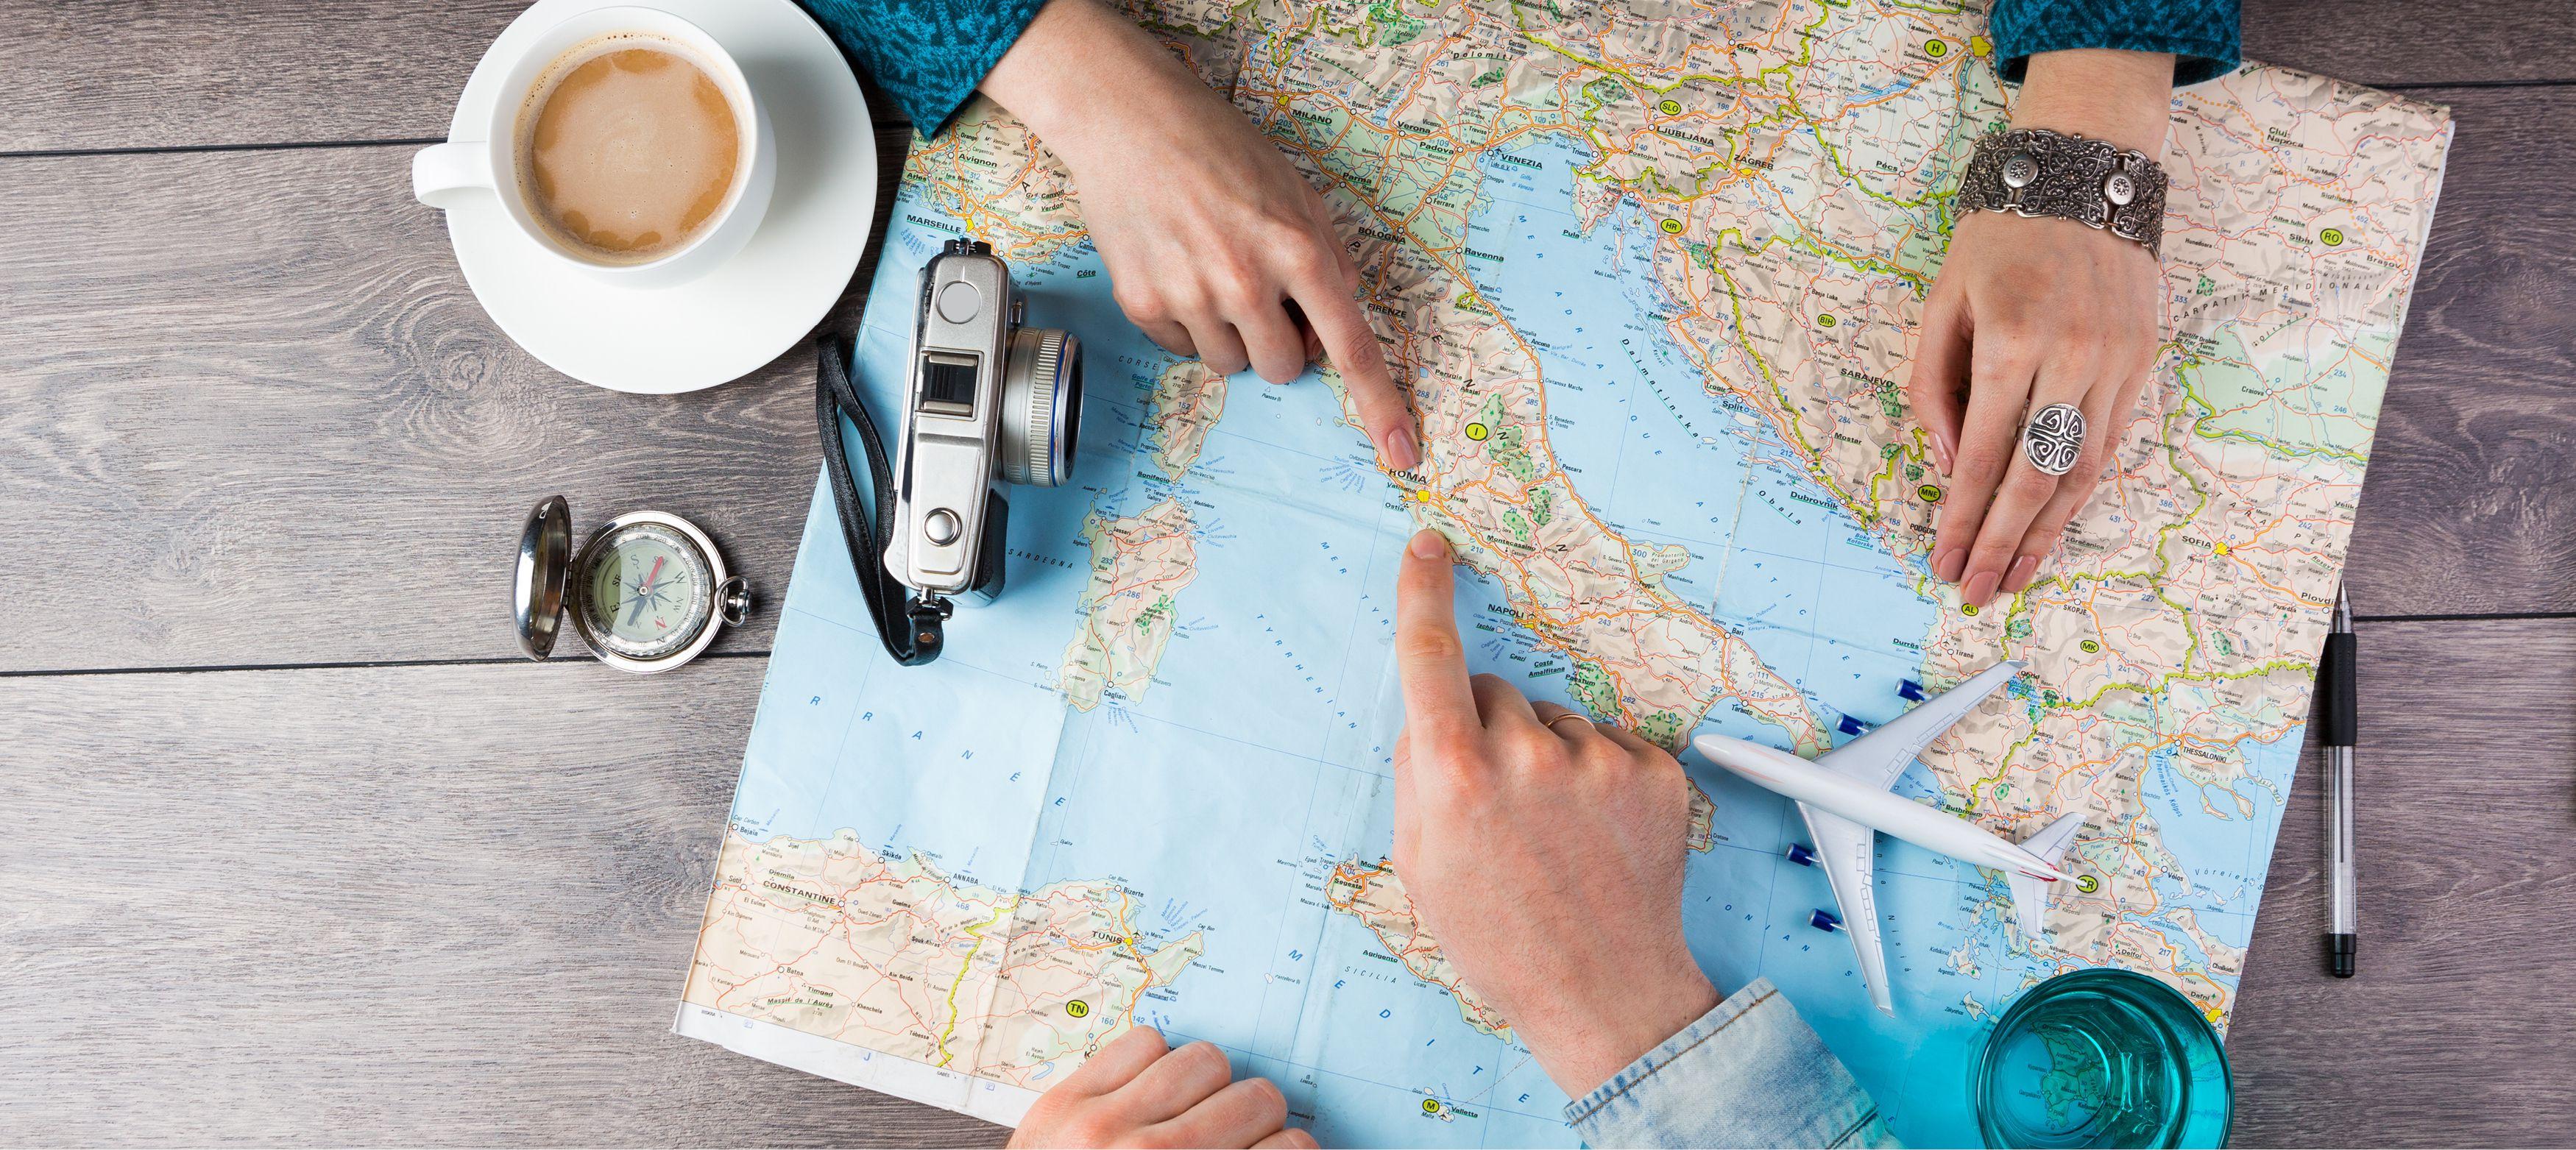 kaffe, kamera, kompass och karta vid reseplanering